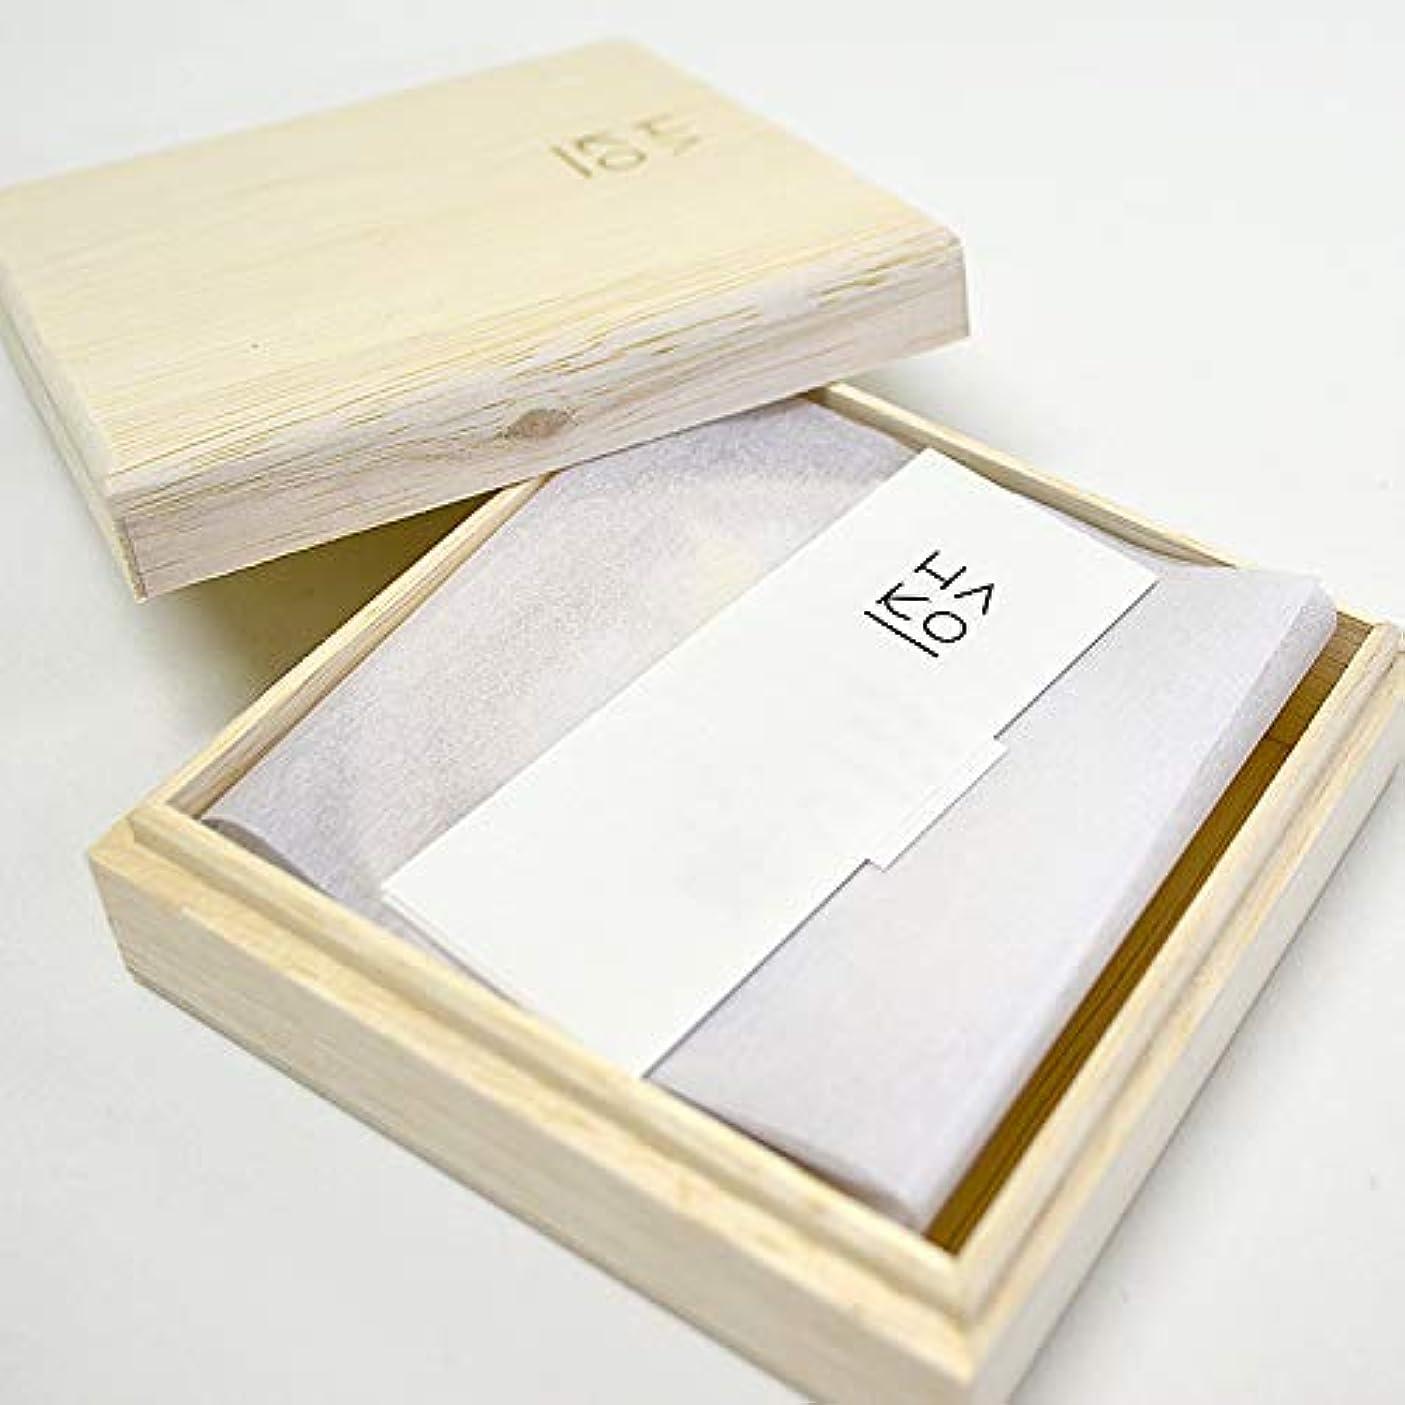 単語意識的に対処するPAPER INCENSE HAKO 02 6枚入 桐箱 香皿付き